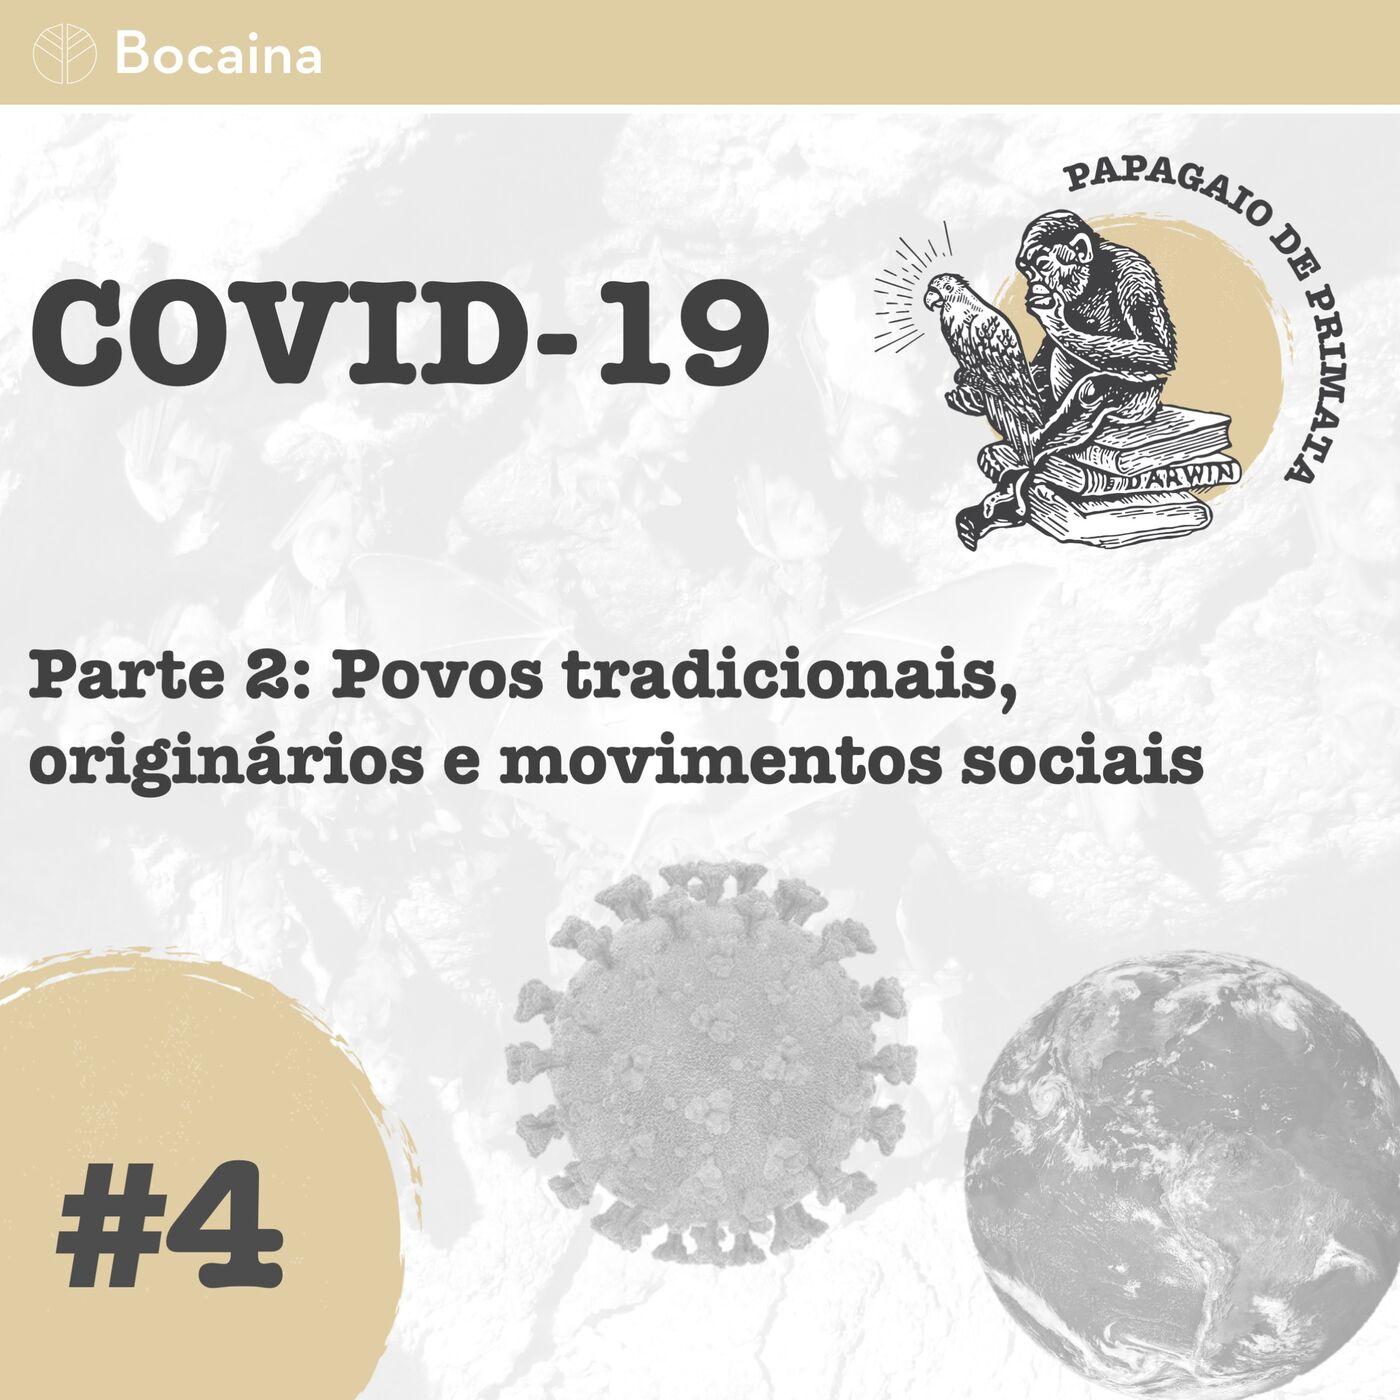 #4 - COVID-19 Parte 2: Povos tradicionais, originários e movimentos sociais